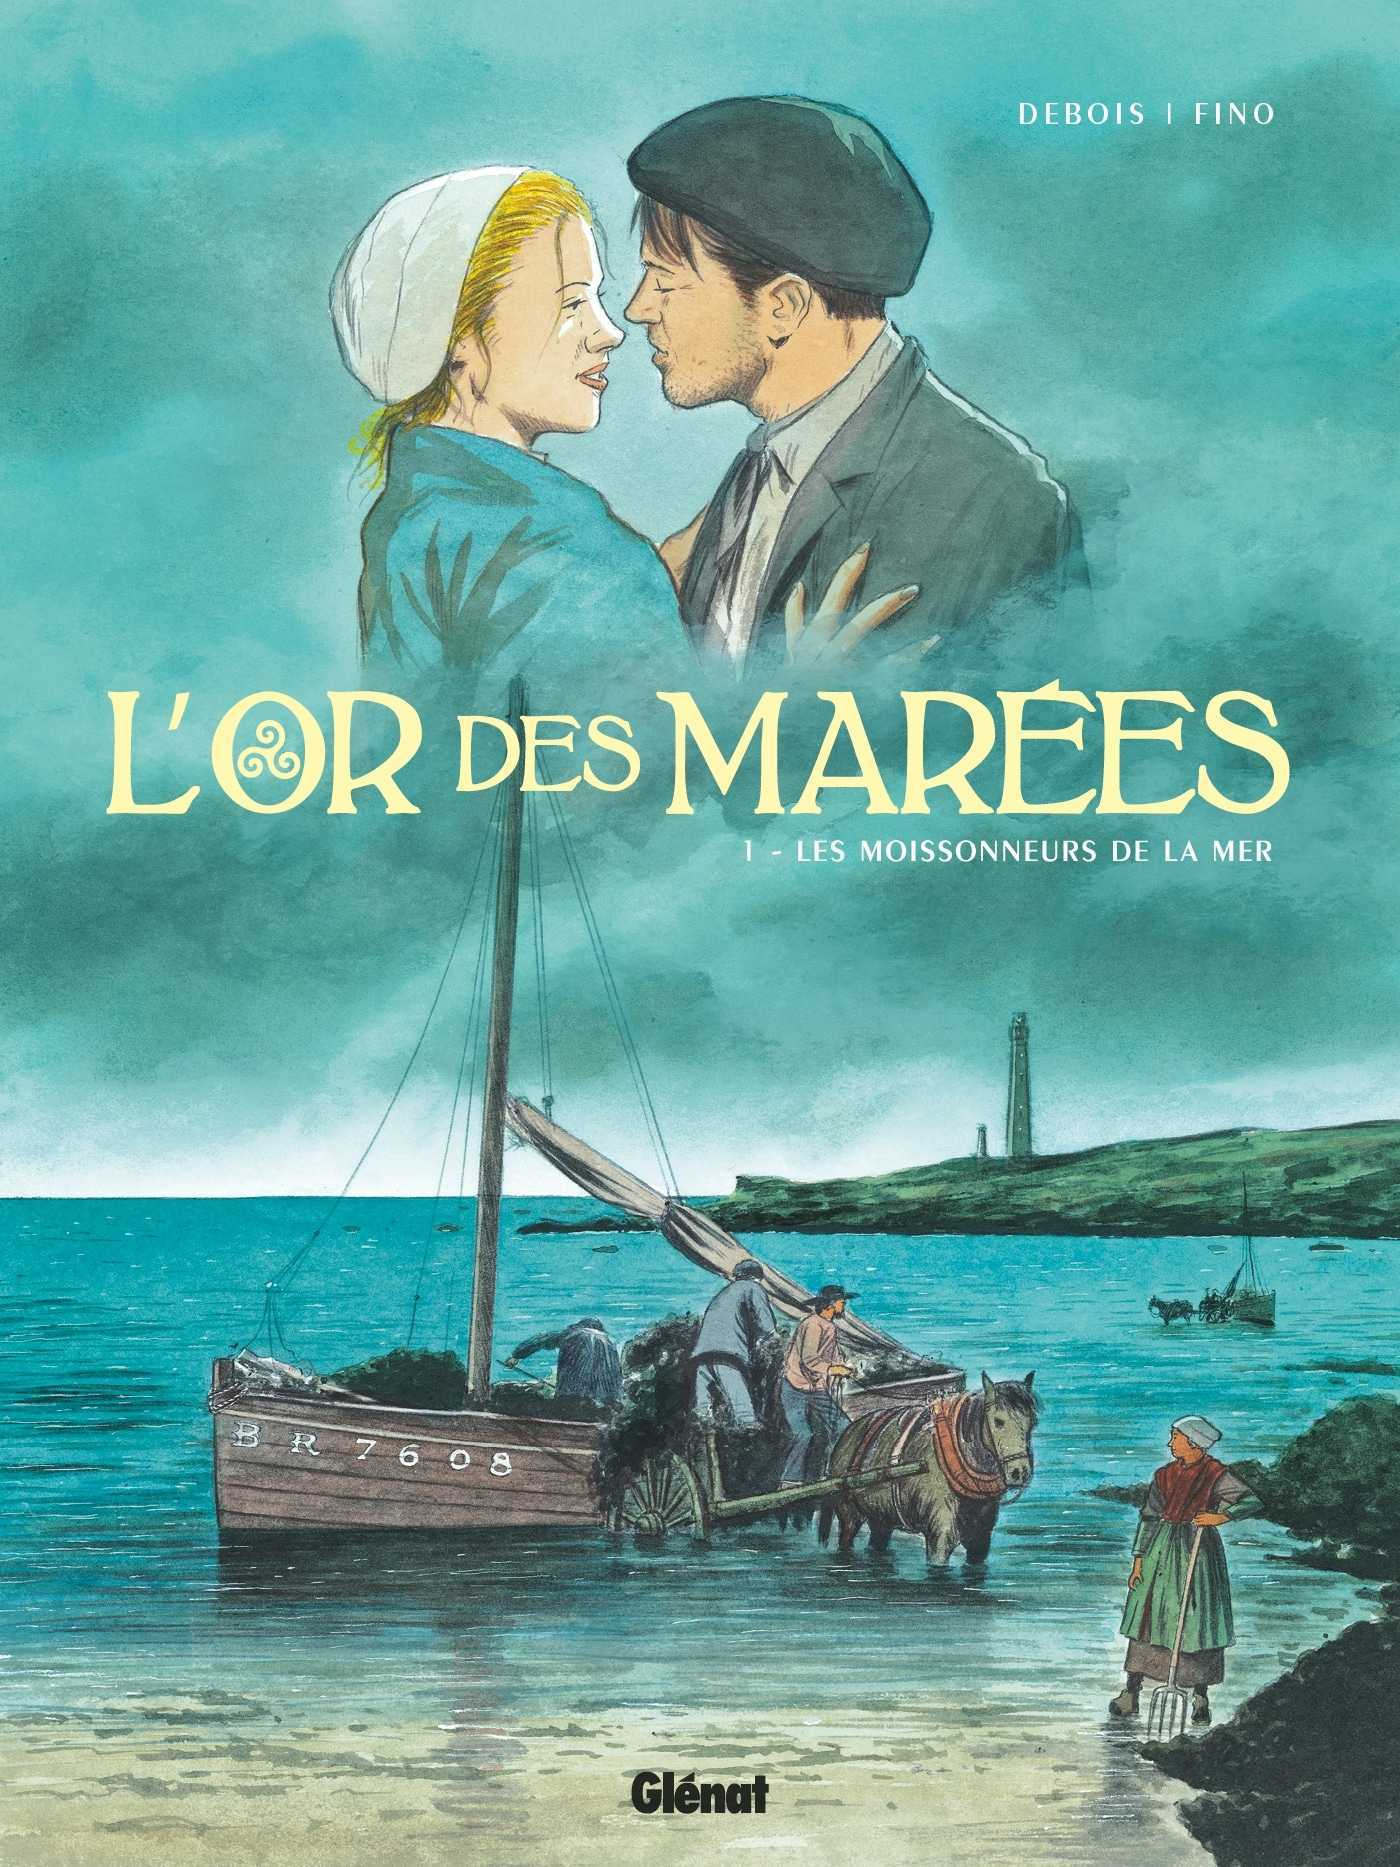 L'Or des marées, une saga maritime et romanesque